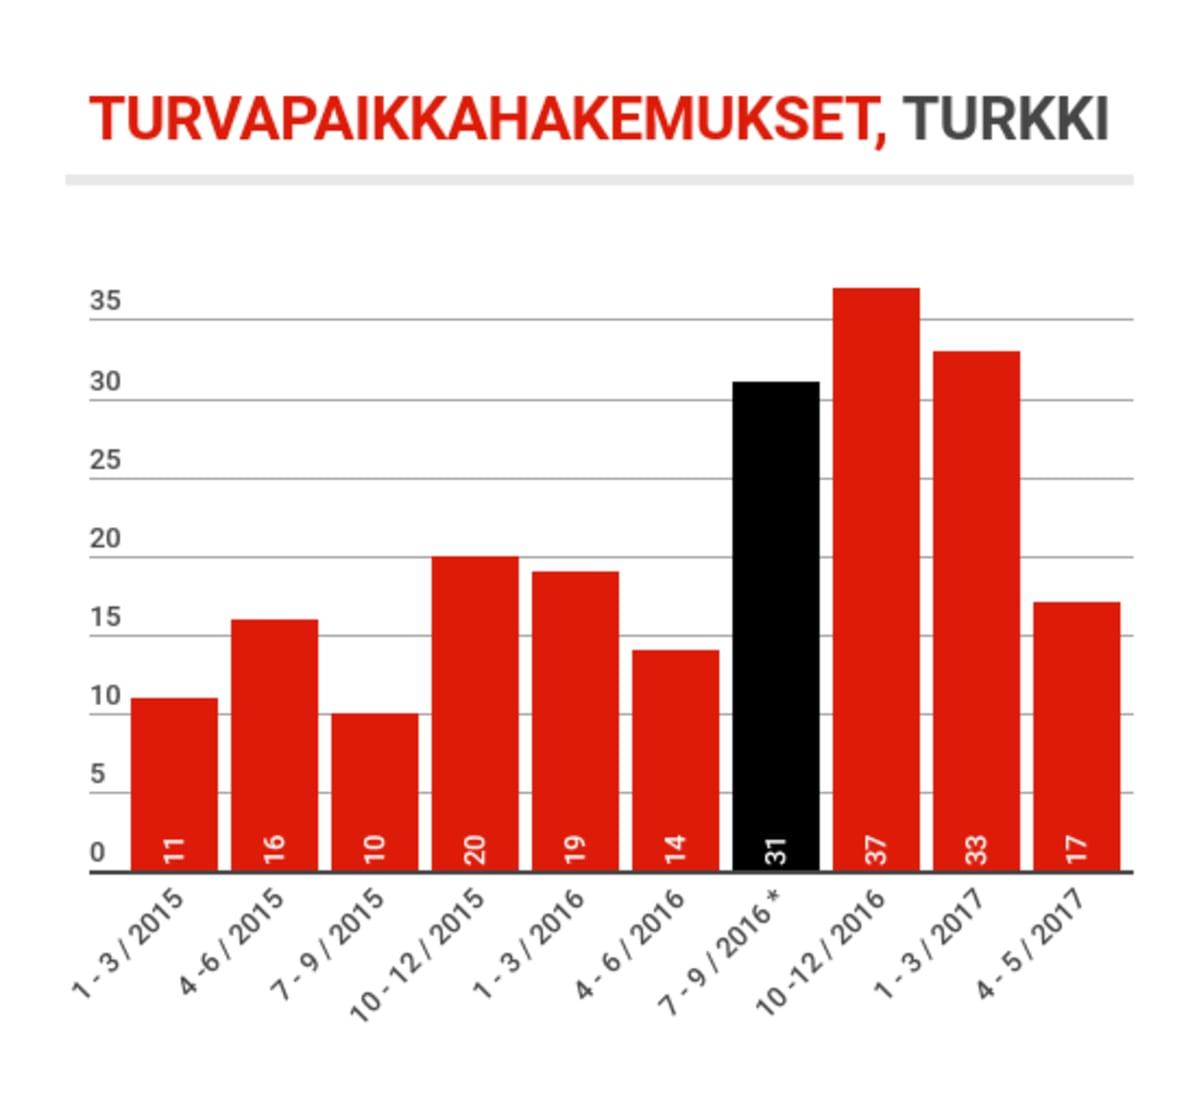 * Turkkilaisten turvapaikkahakemukset Suomeen kasvoivat Turkin 2016 vallankaappausyrityksen ja sitä seuranneen poikkeustilan jälkeen.